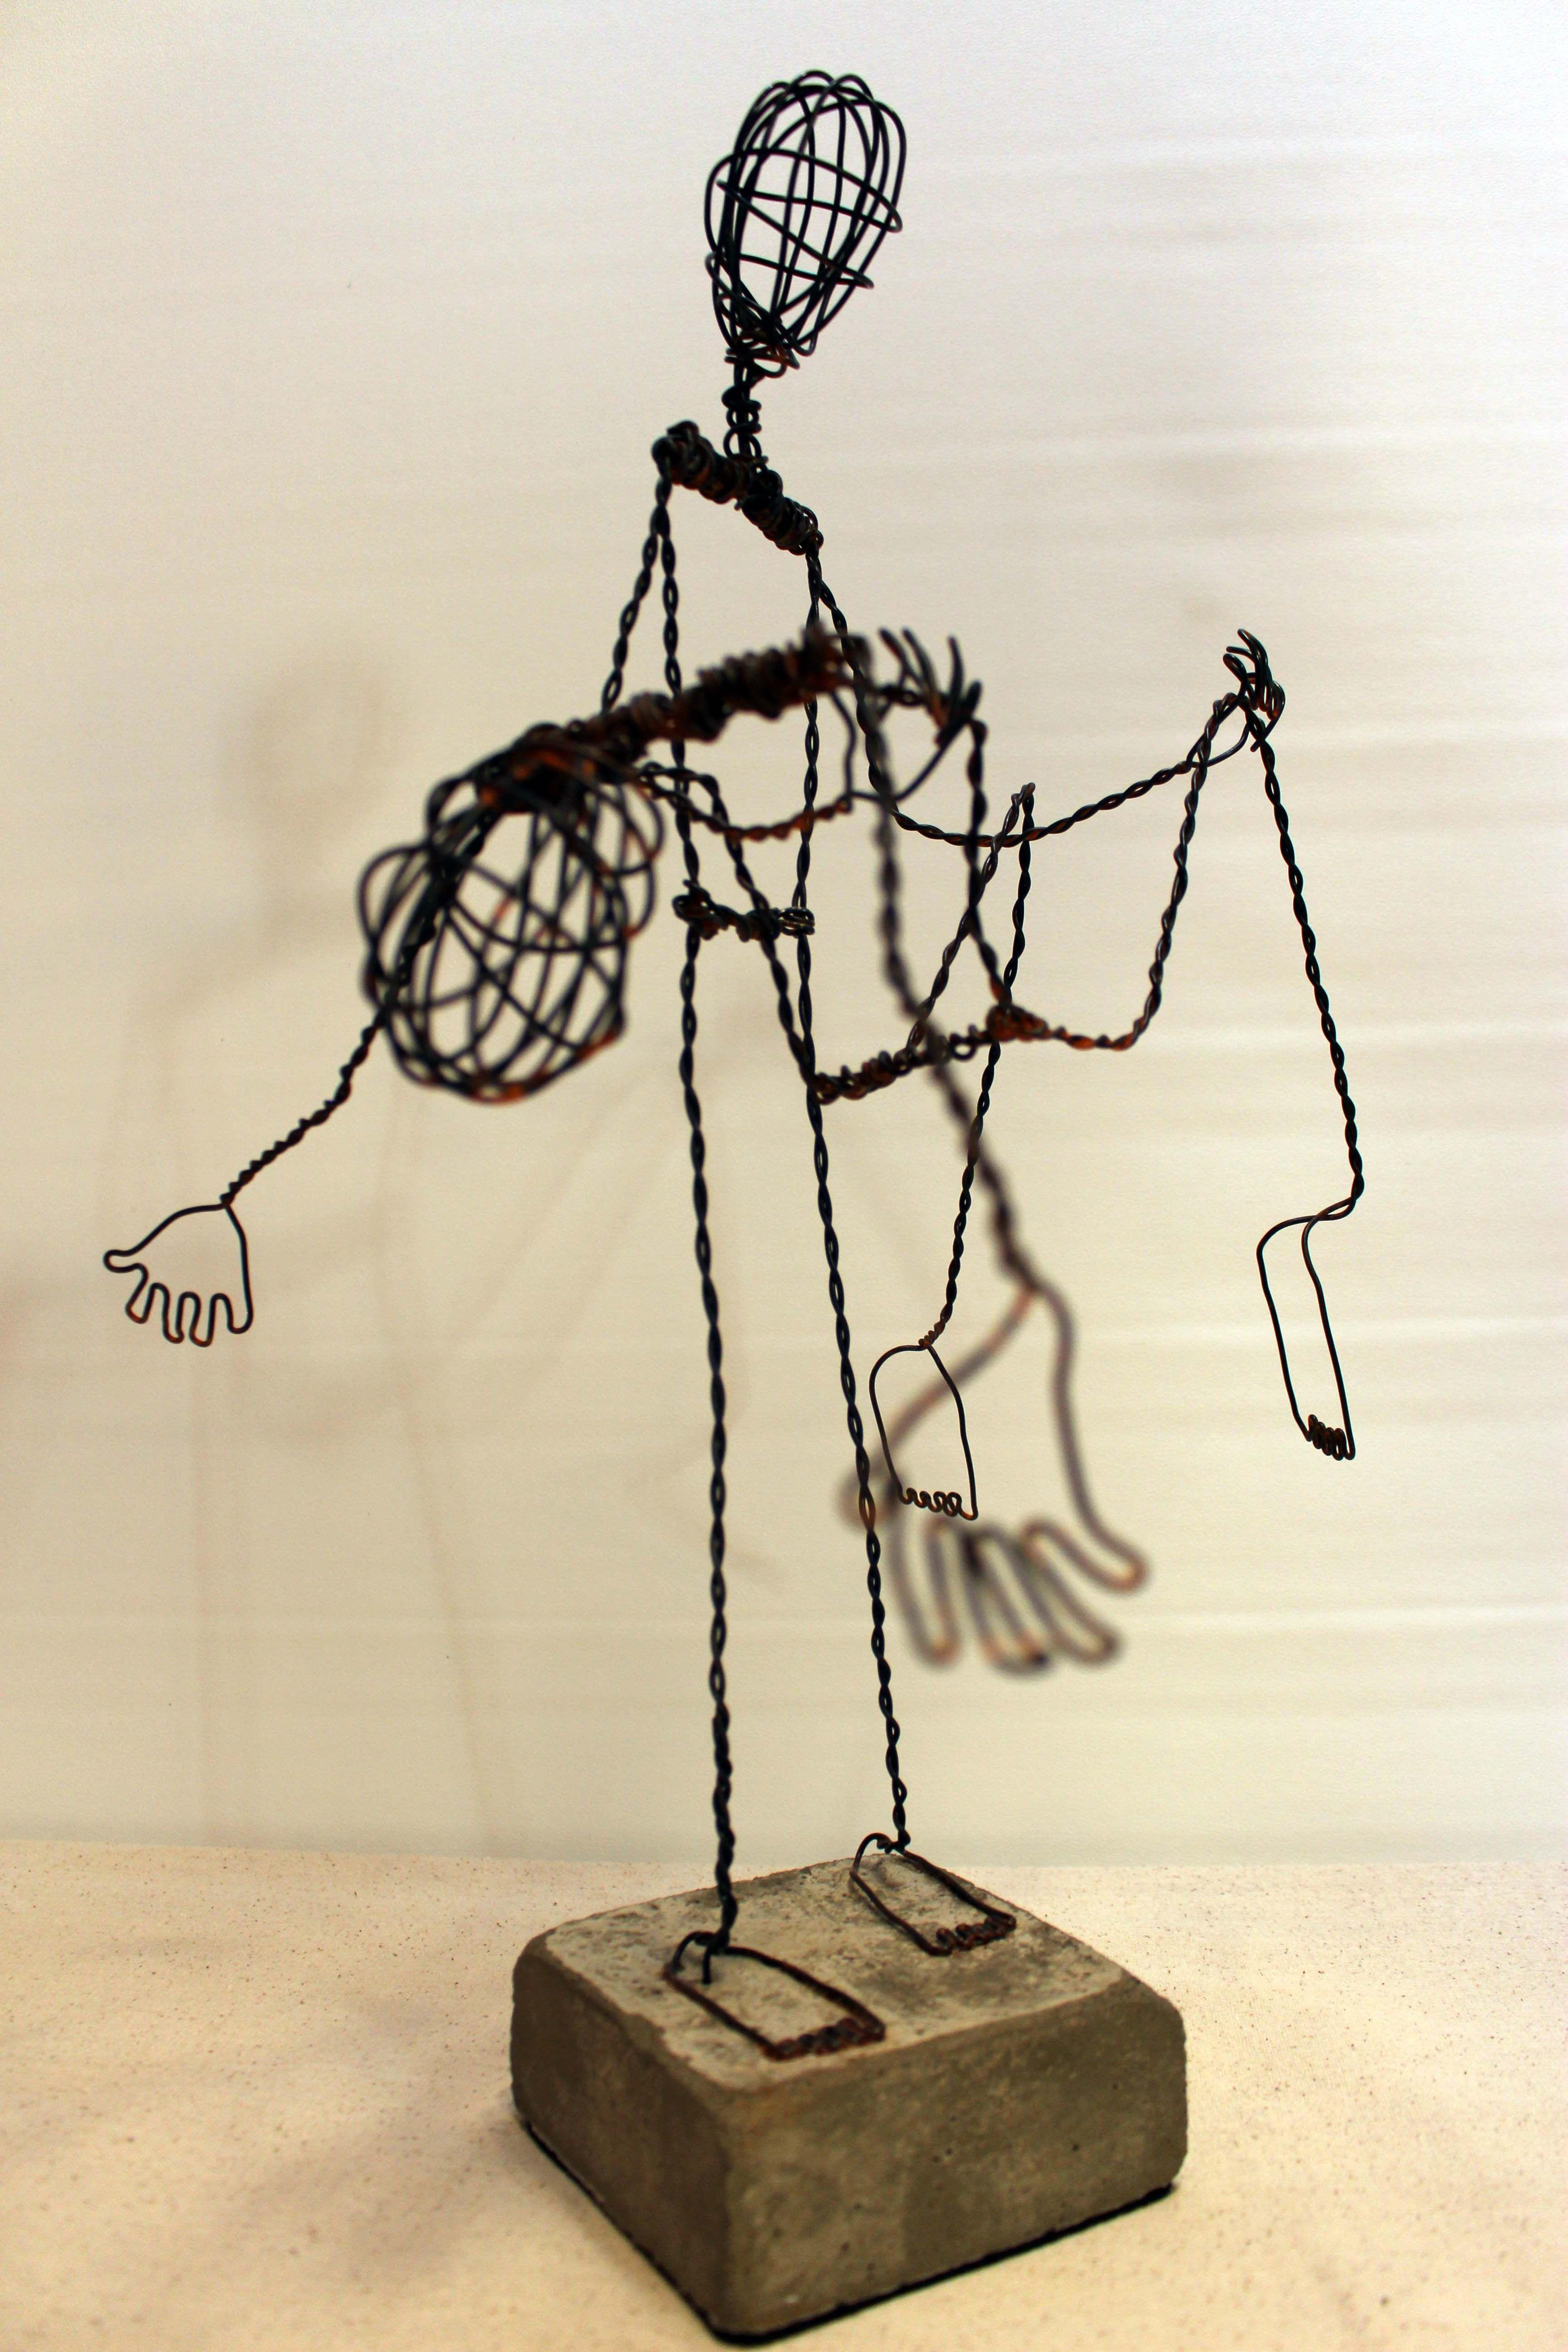 sculpture de l 39 artiste sylvain poirier quand le fil de fer et le ciment rencontre la danse